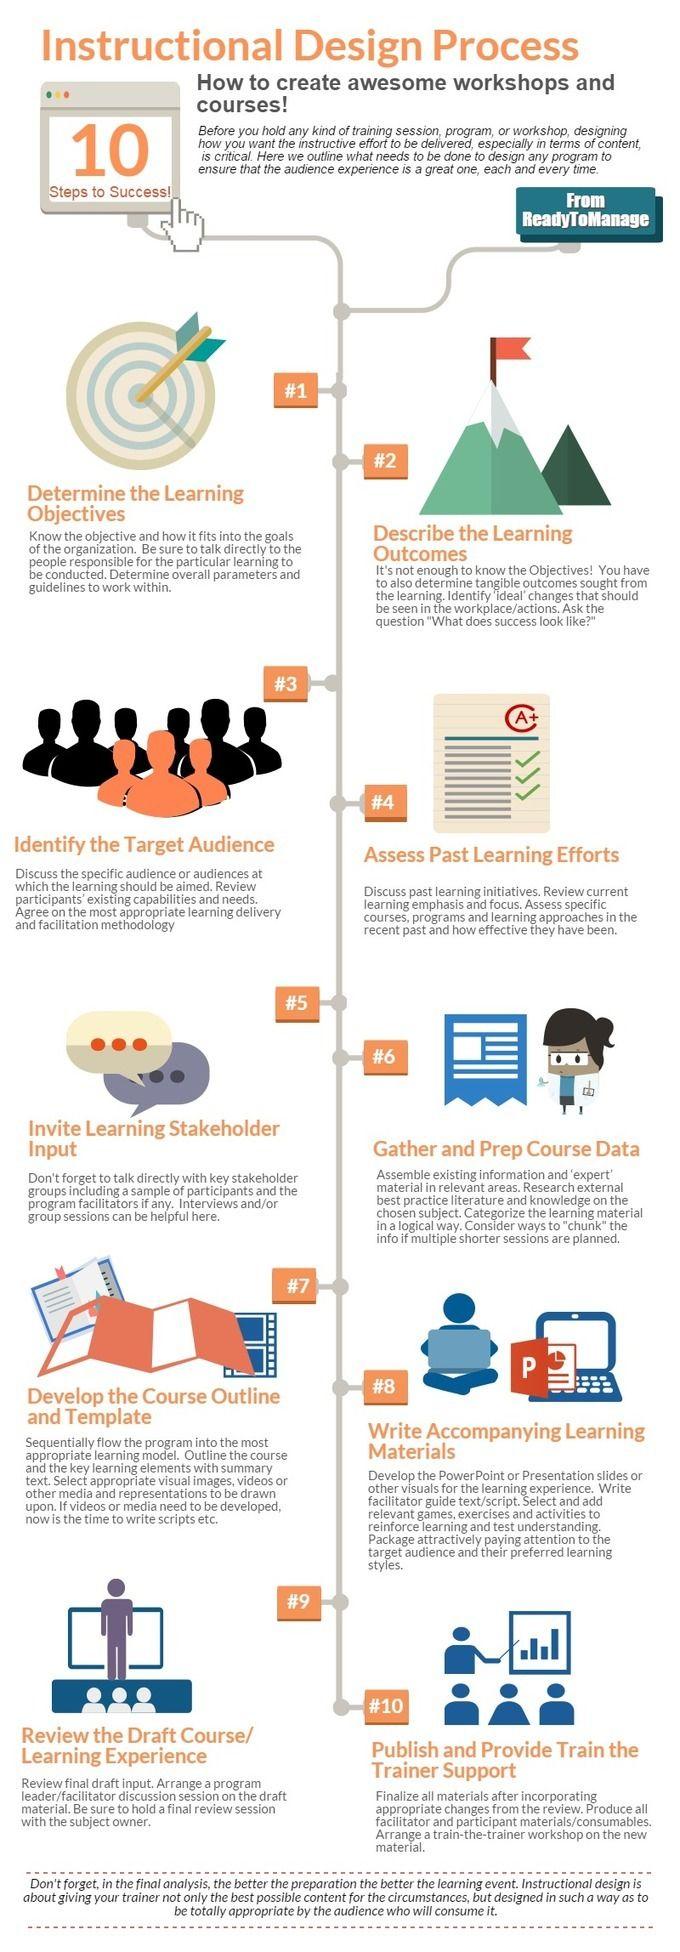 30 Effective #SocialMedia Tactics | Bussines Im...